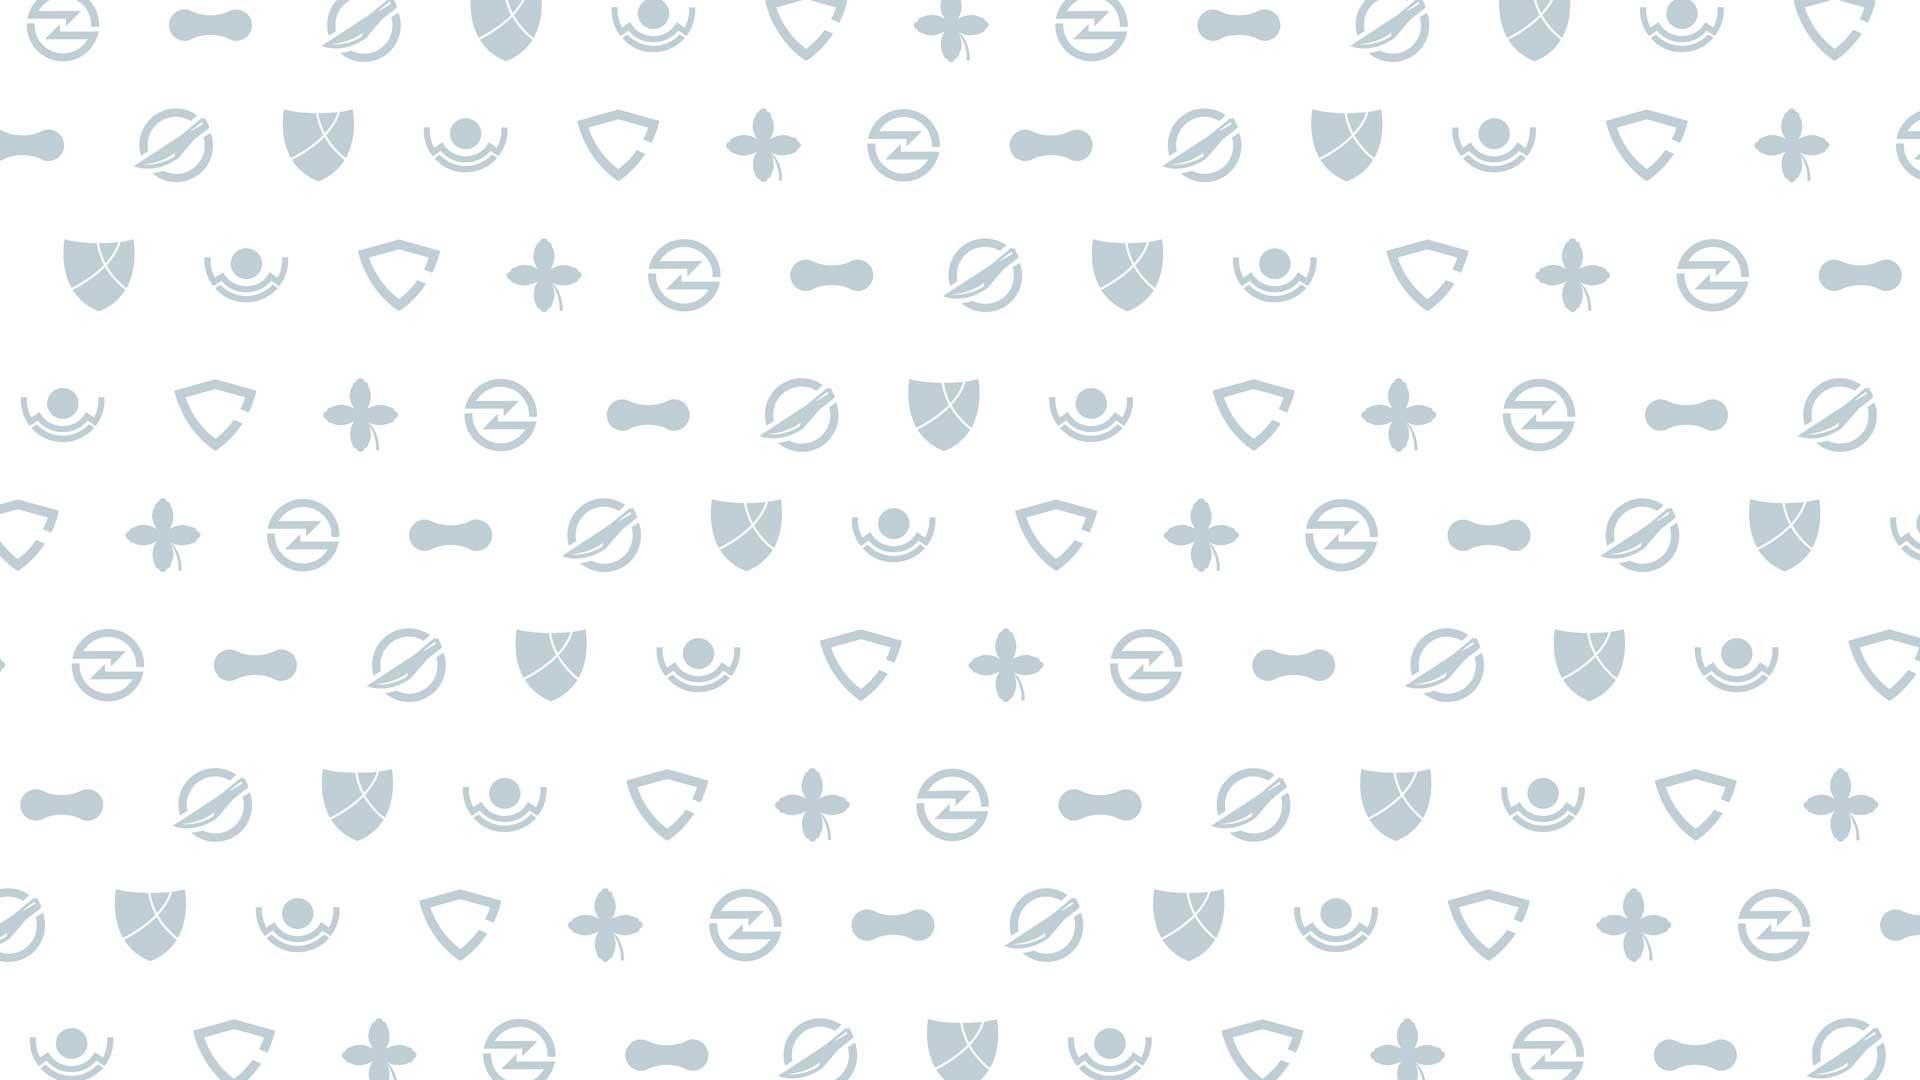 tidi_brands_pattern